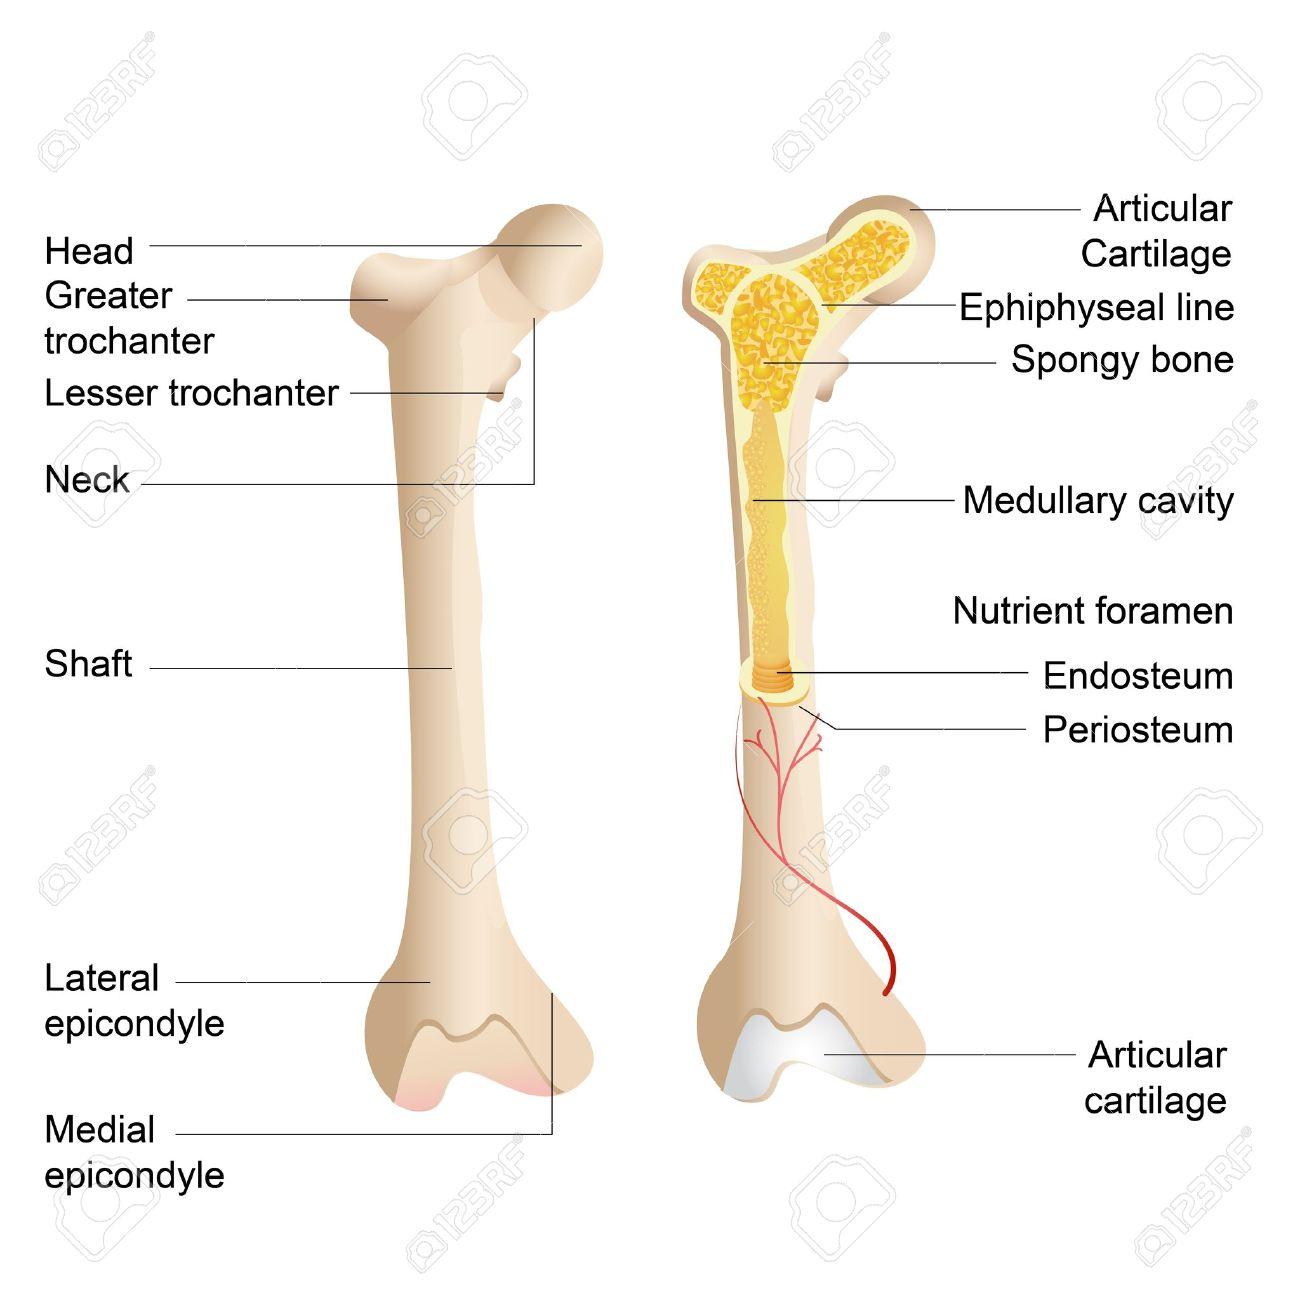 Ilustración Vectorial De Un Diagrama De La Anatomía ósea Humana ...